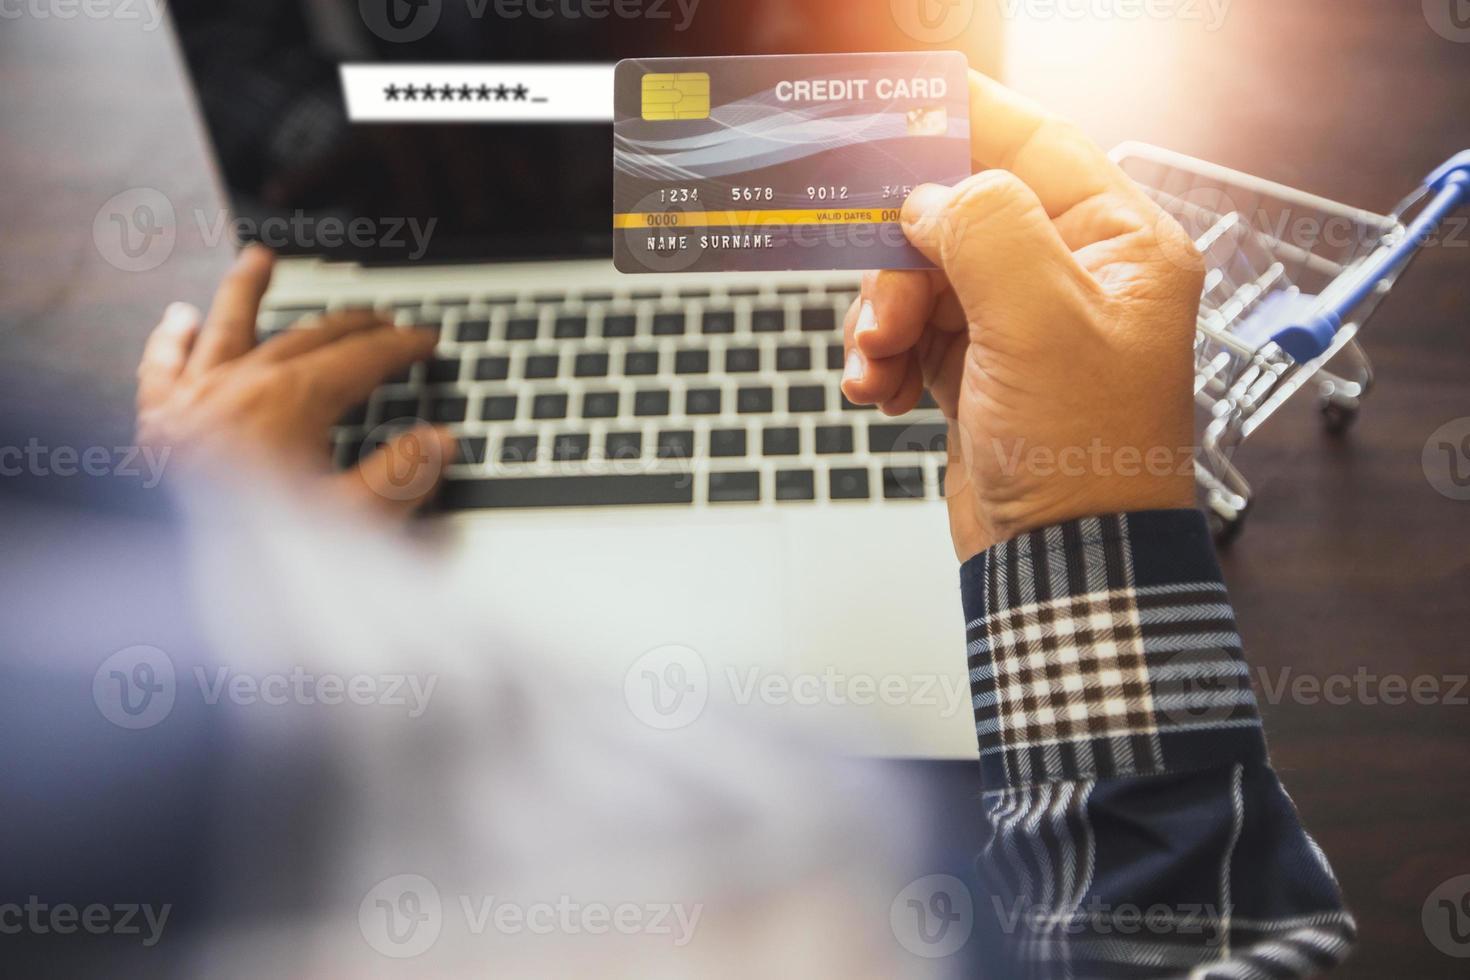 närbild hand av mannen håller kreditkort och arbetar på bärbar dator bredvid miniatyr kundvagn foto